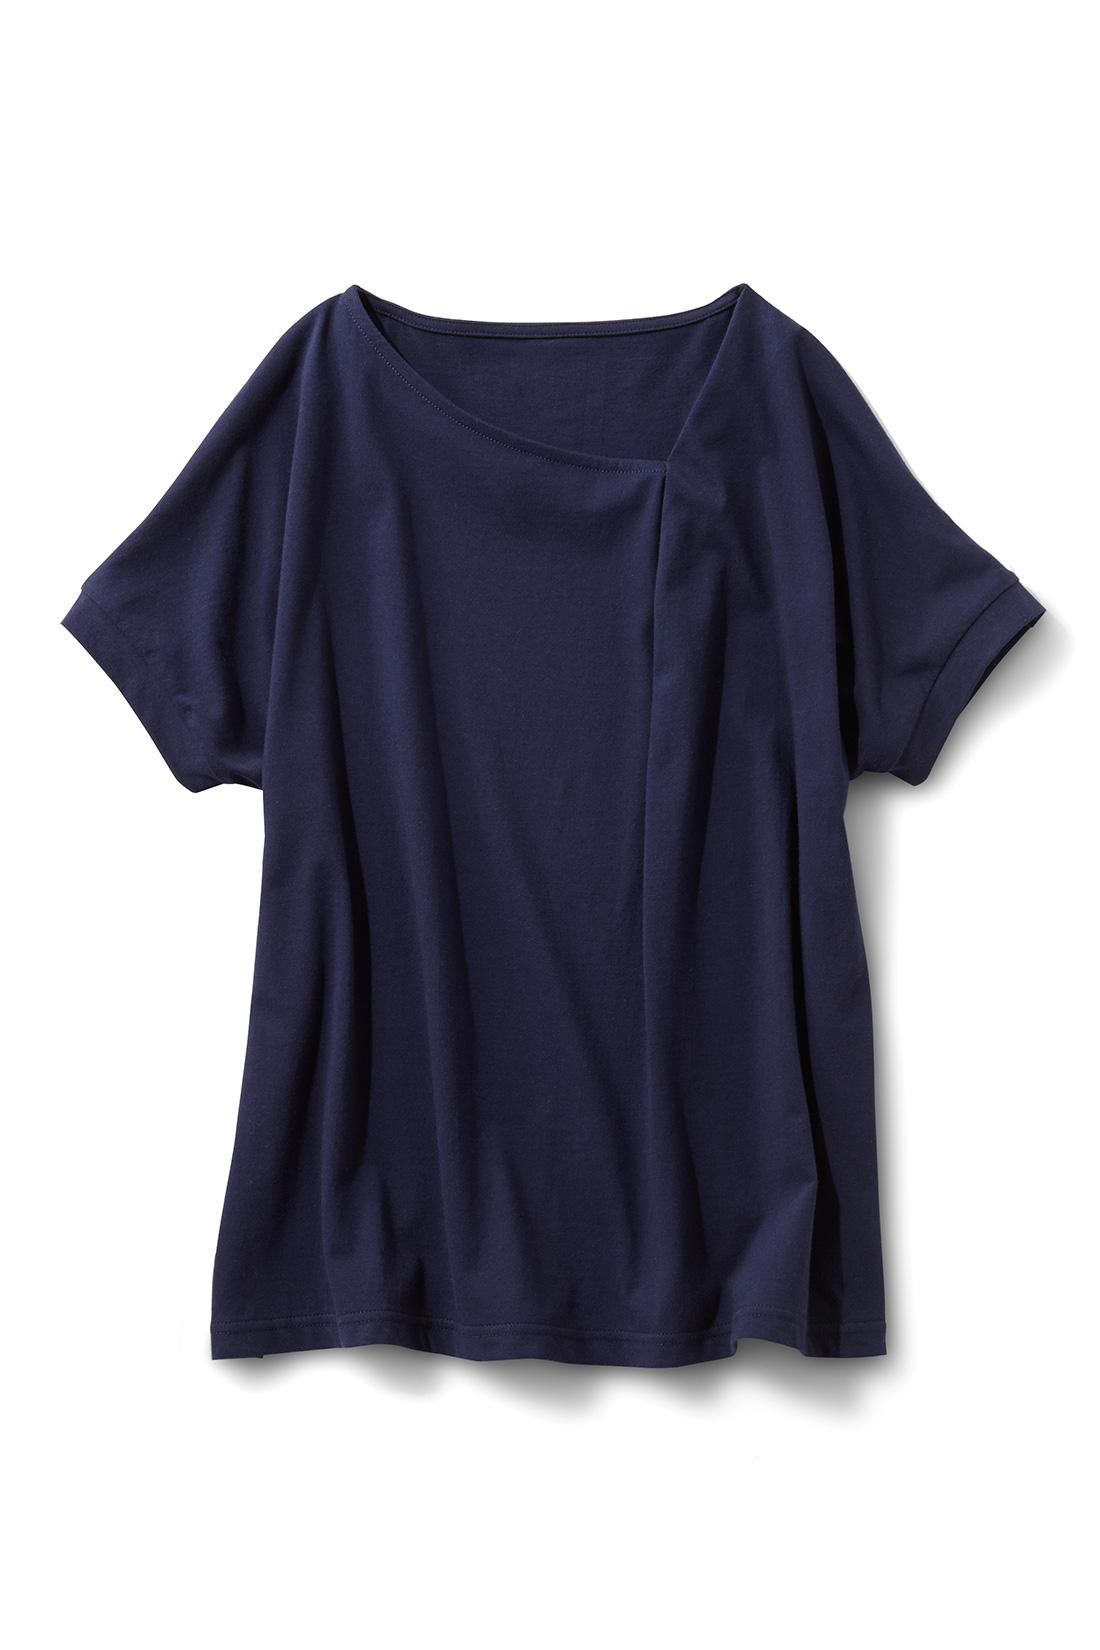 アシメトリーに入れた衿ぐりのタックがさらりと着るだけでおしゃれな印象。華奢(きゃしゃ)見えする少し広めの袖口は、切り替えを入れてきれいめに仕上げました。細見えして着やすいほどゆるシルエット。